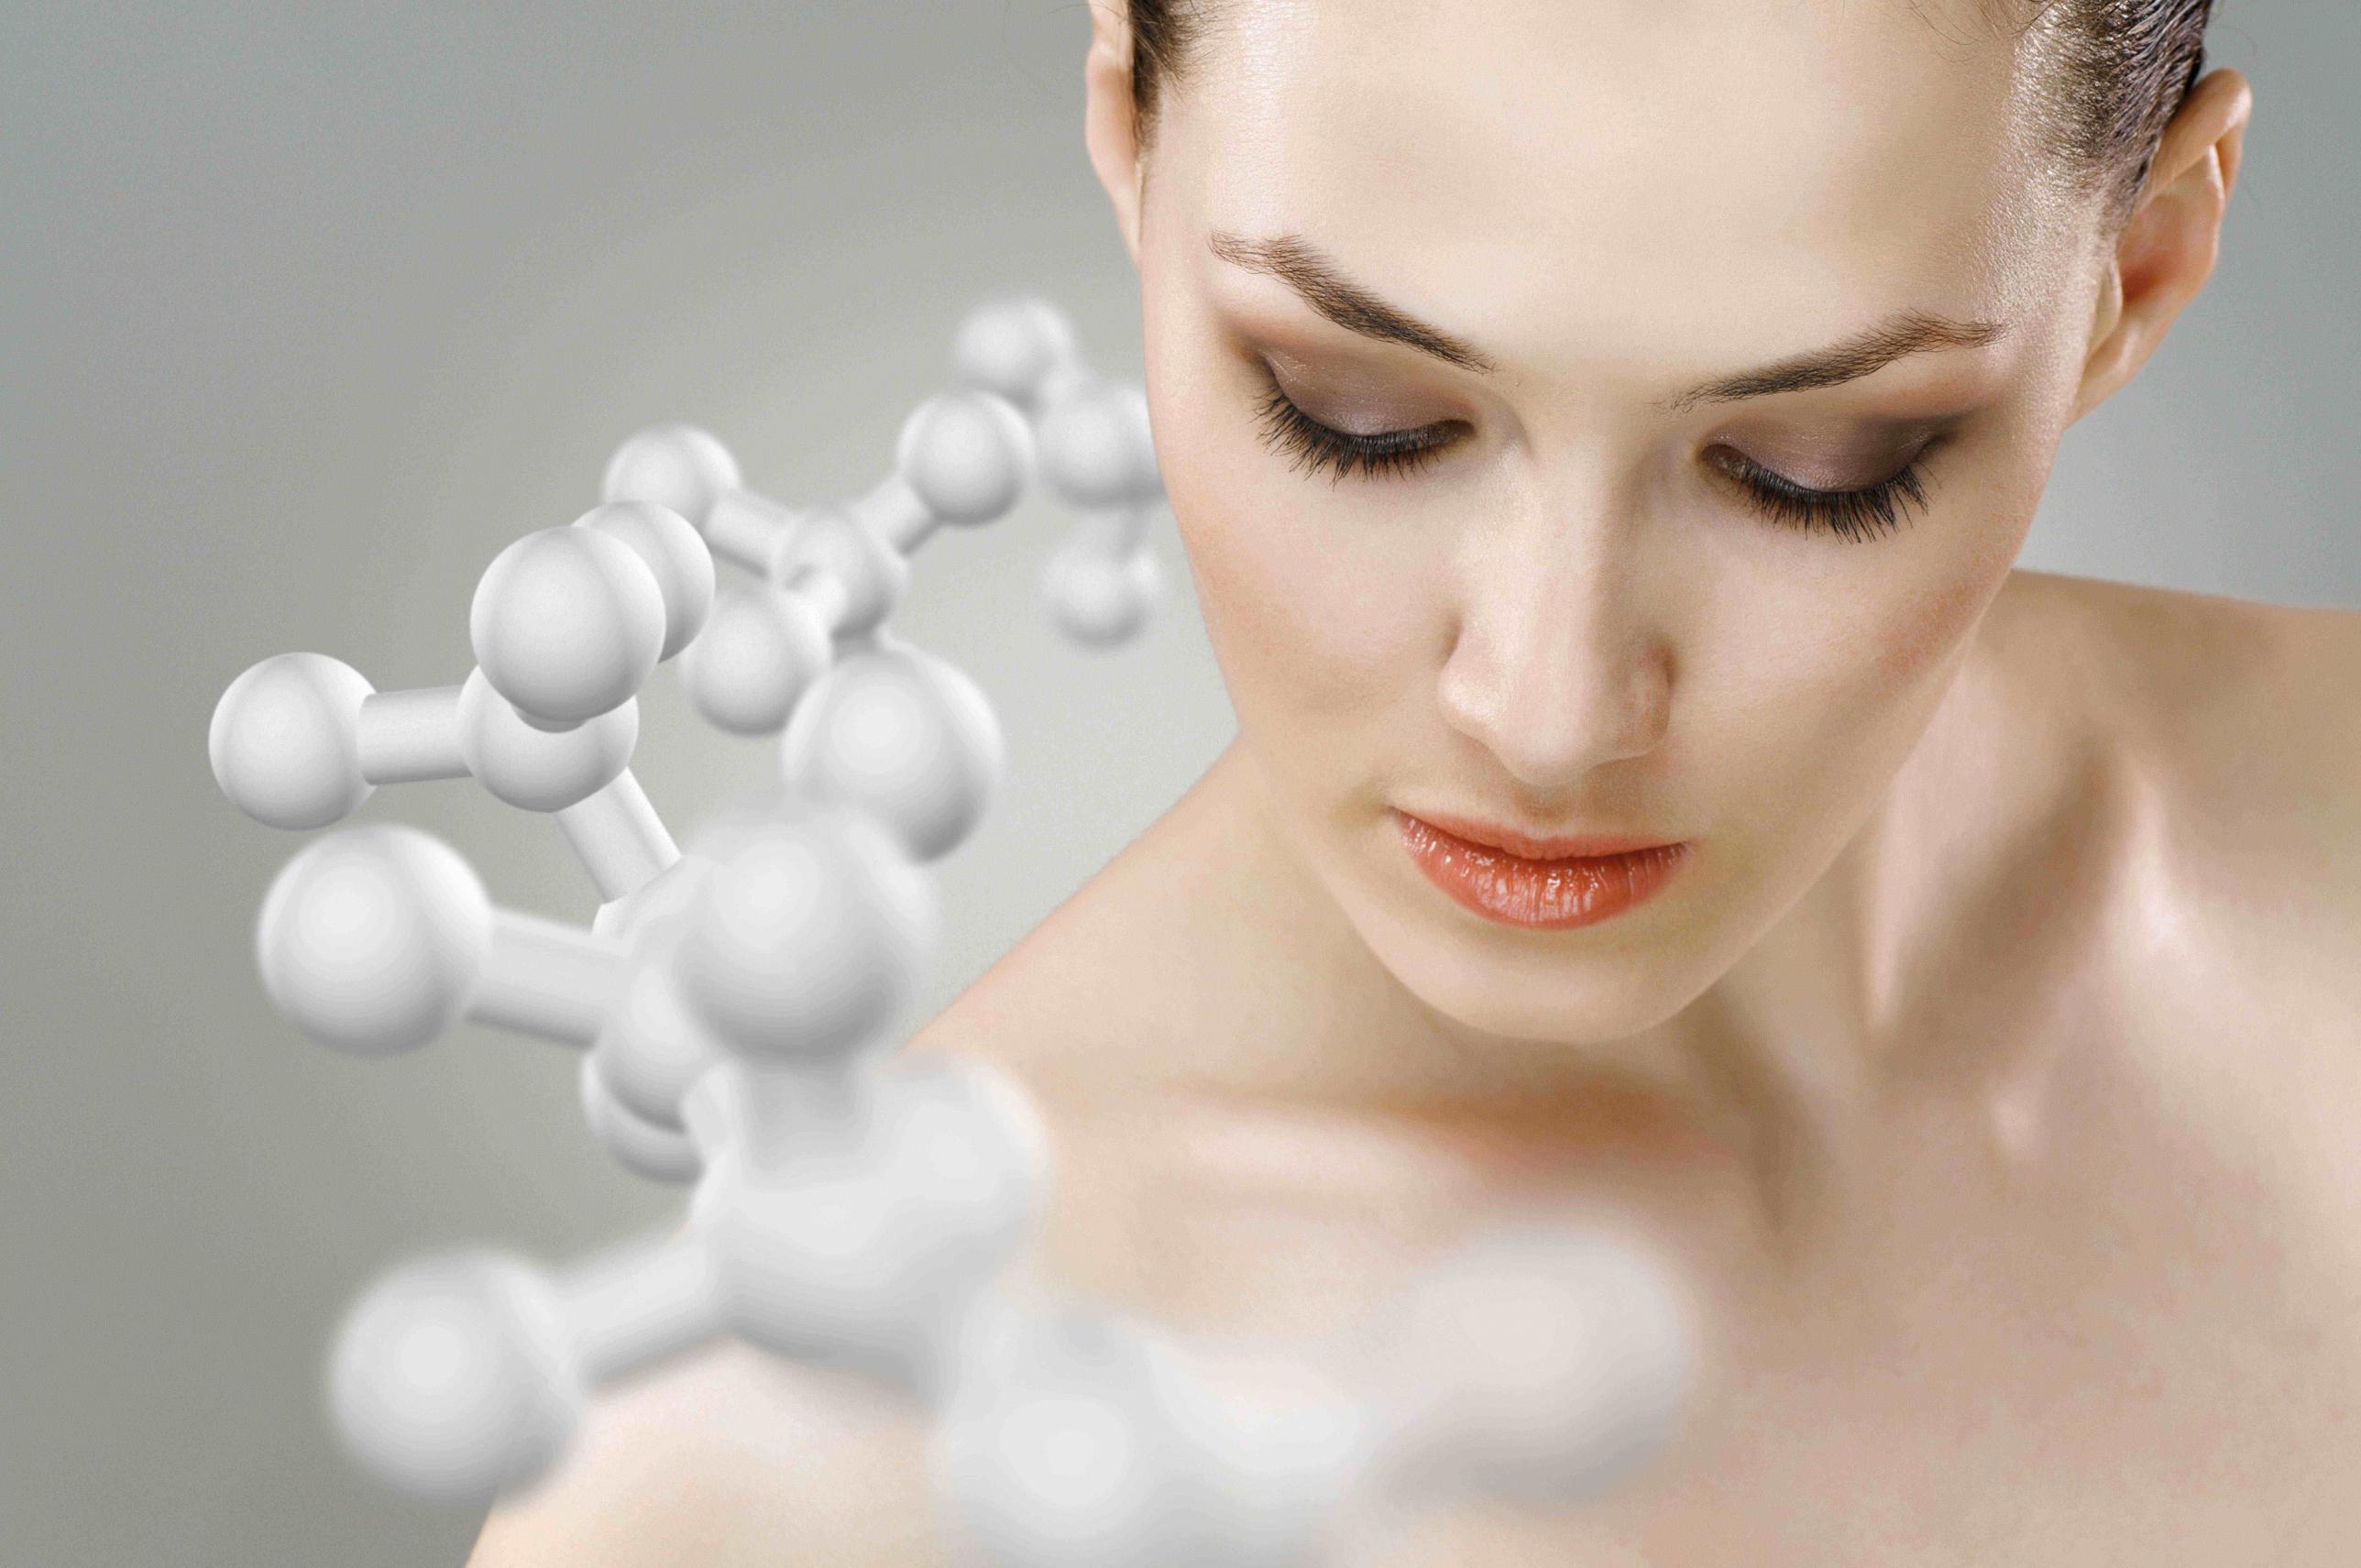 Органическая косметика класса люкс / натуральная и органическая косметика.